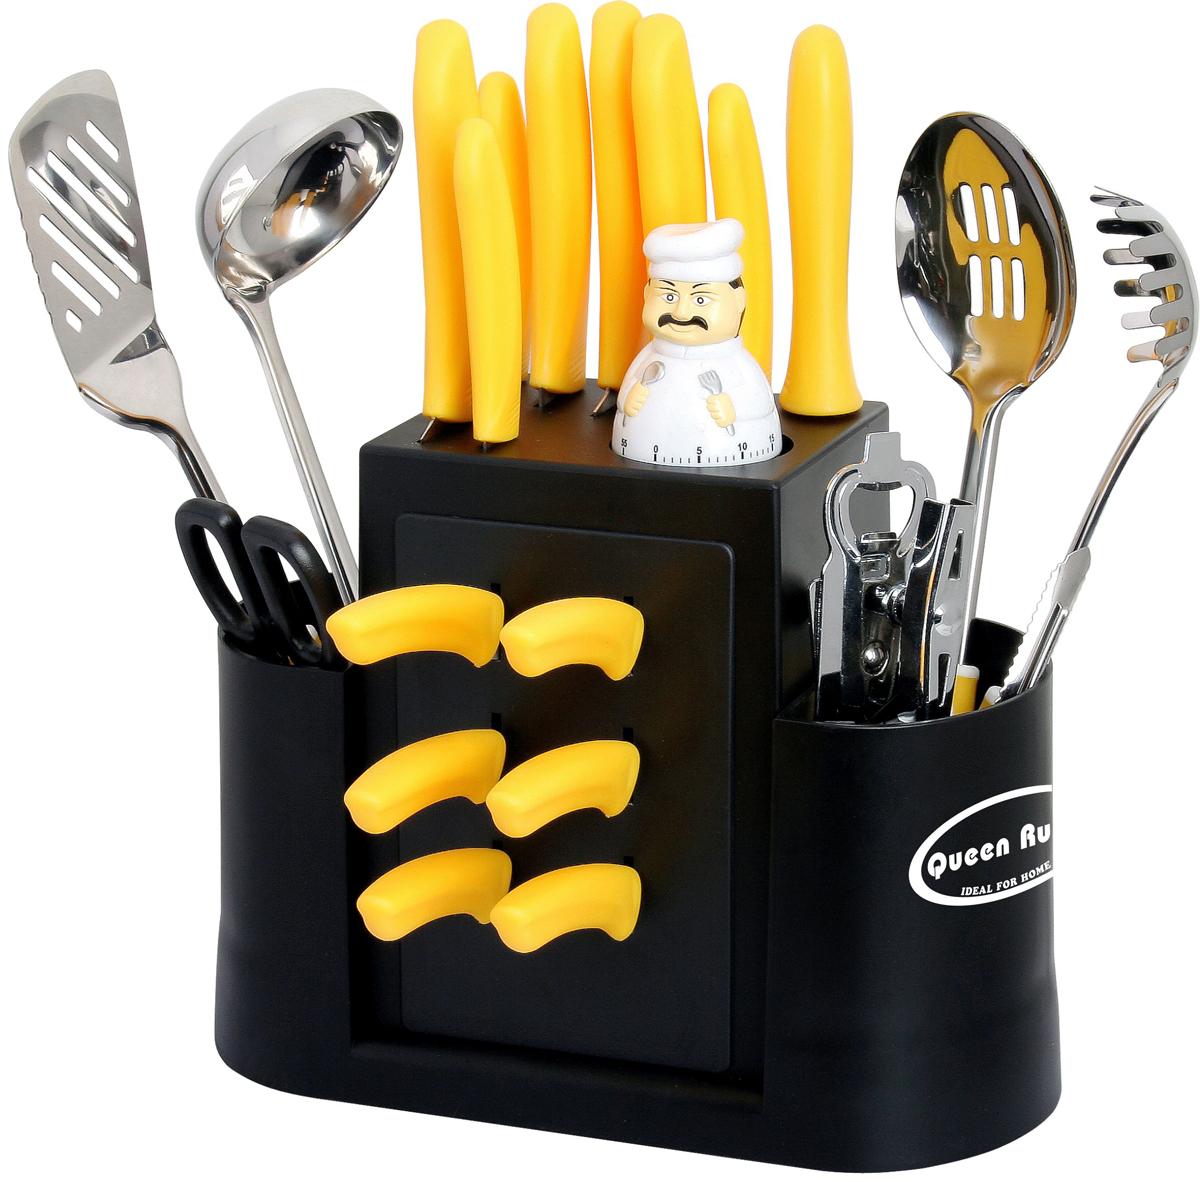 Набор кухонных принадлежностей Queen Ruby, цвет: желтый, серебристый, черный, 23 предмета